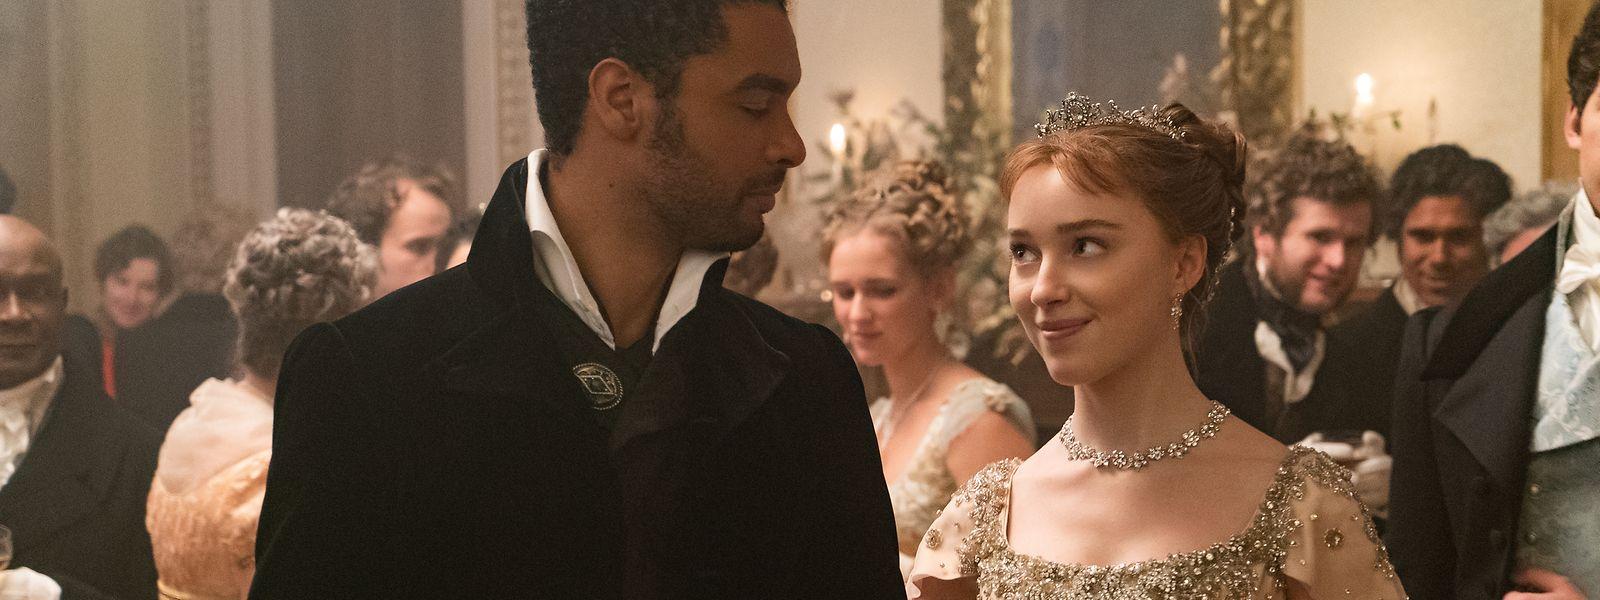 Werden der Duke of Hastings (l., Regé-Jean Page) und die Debütantin Daphne Bridgerton (Phoebe Dynevor) ein Paar? Der Duke gilt eigentlich als eiserner Junggeselle.